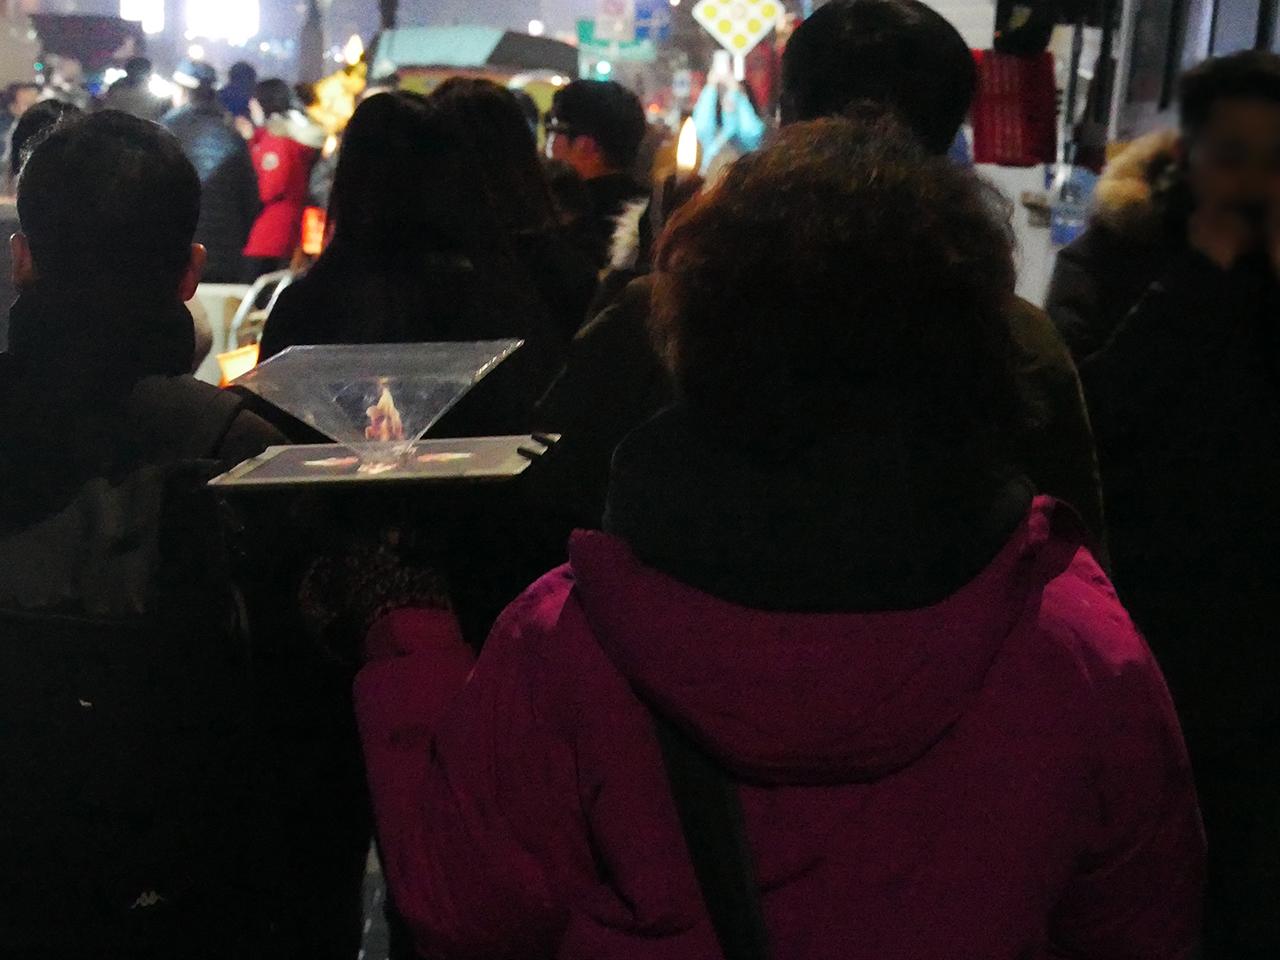 광화문에 나타난 홀로그램 촛불 한 시민이 홀로그램을 이용해 촛블을 들고있다